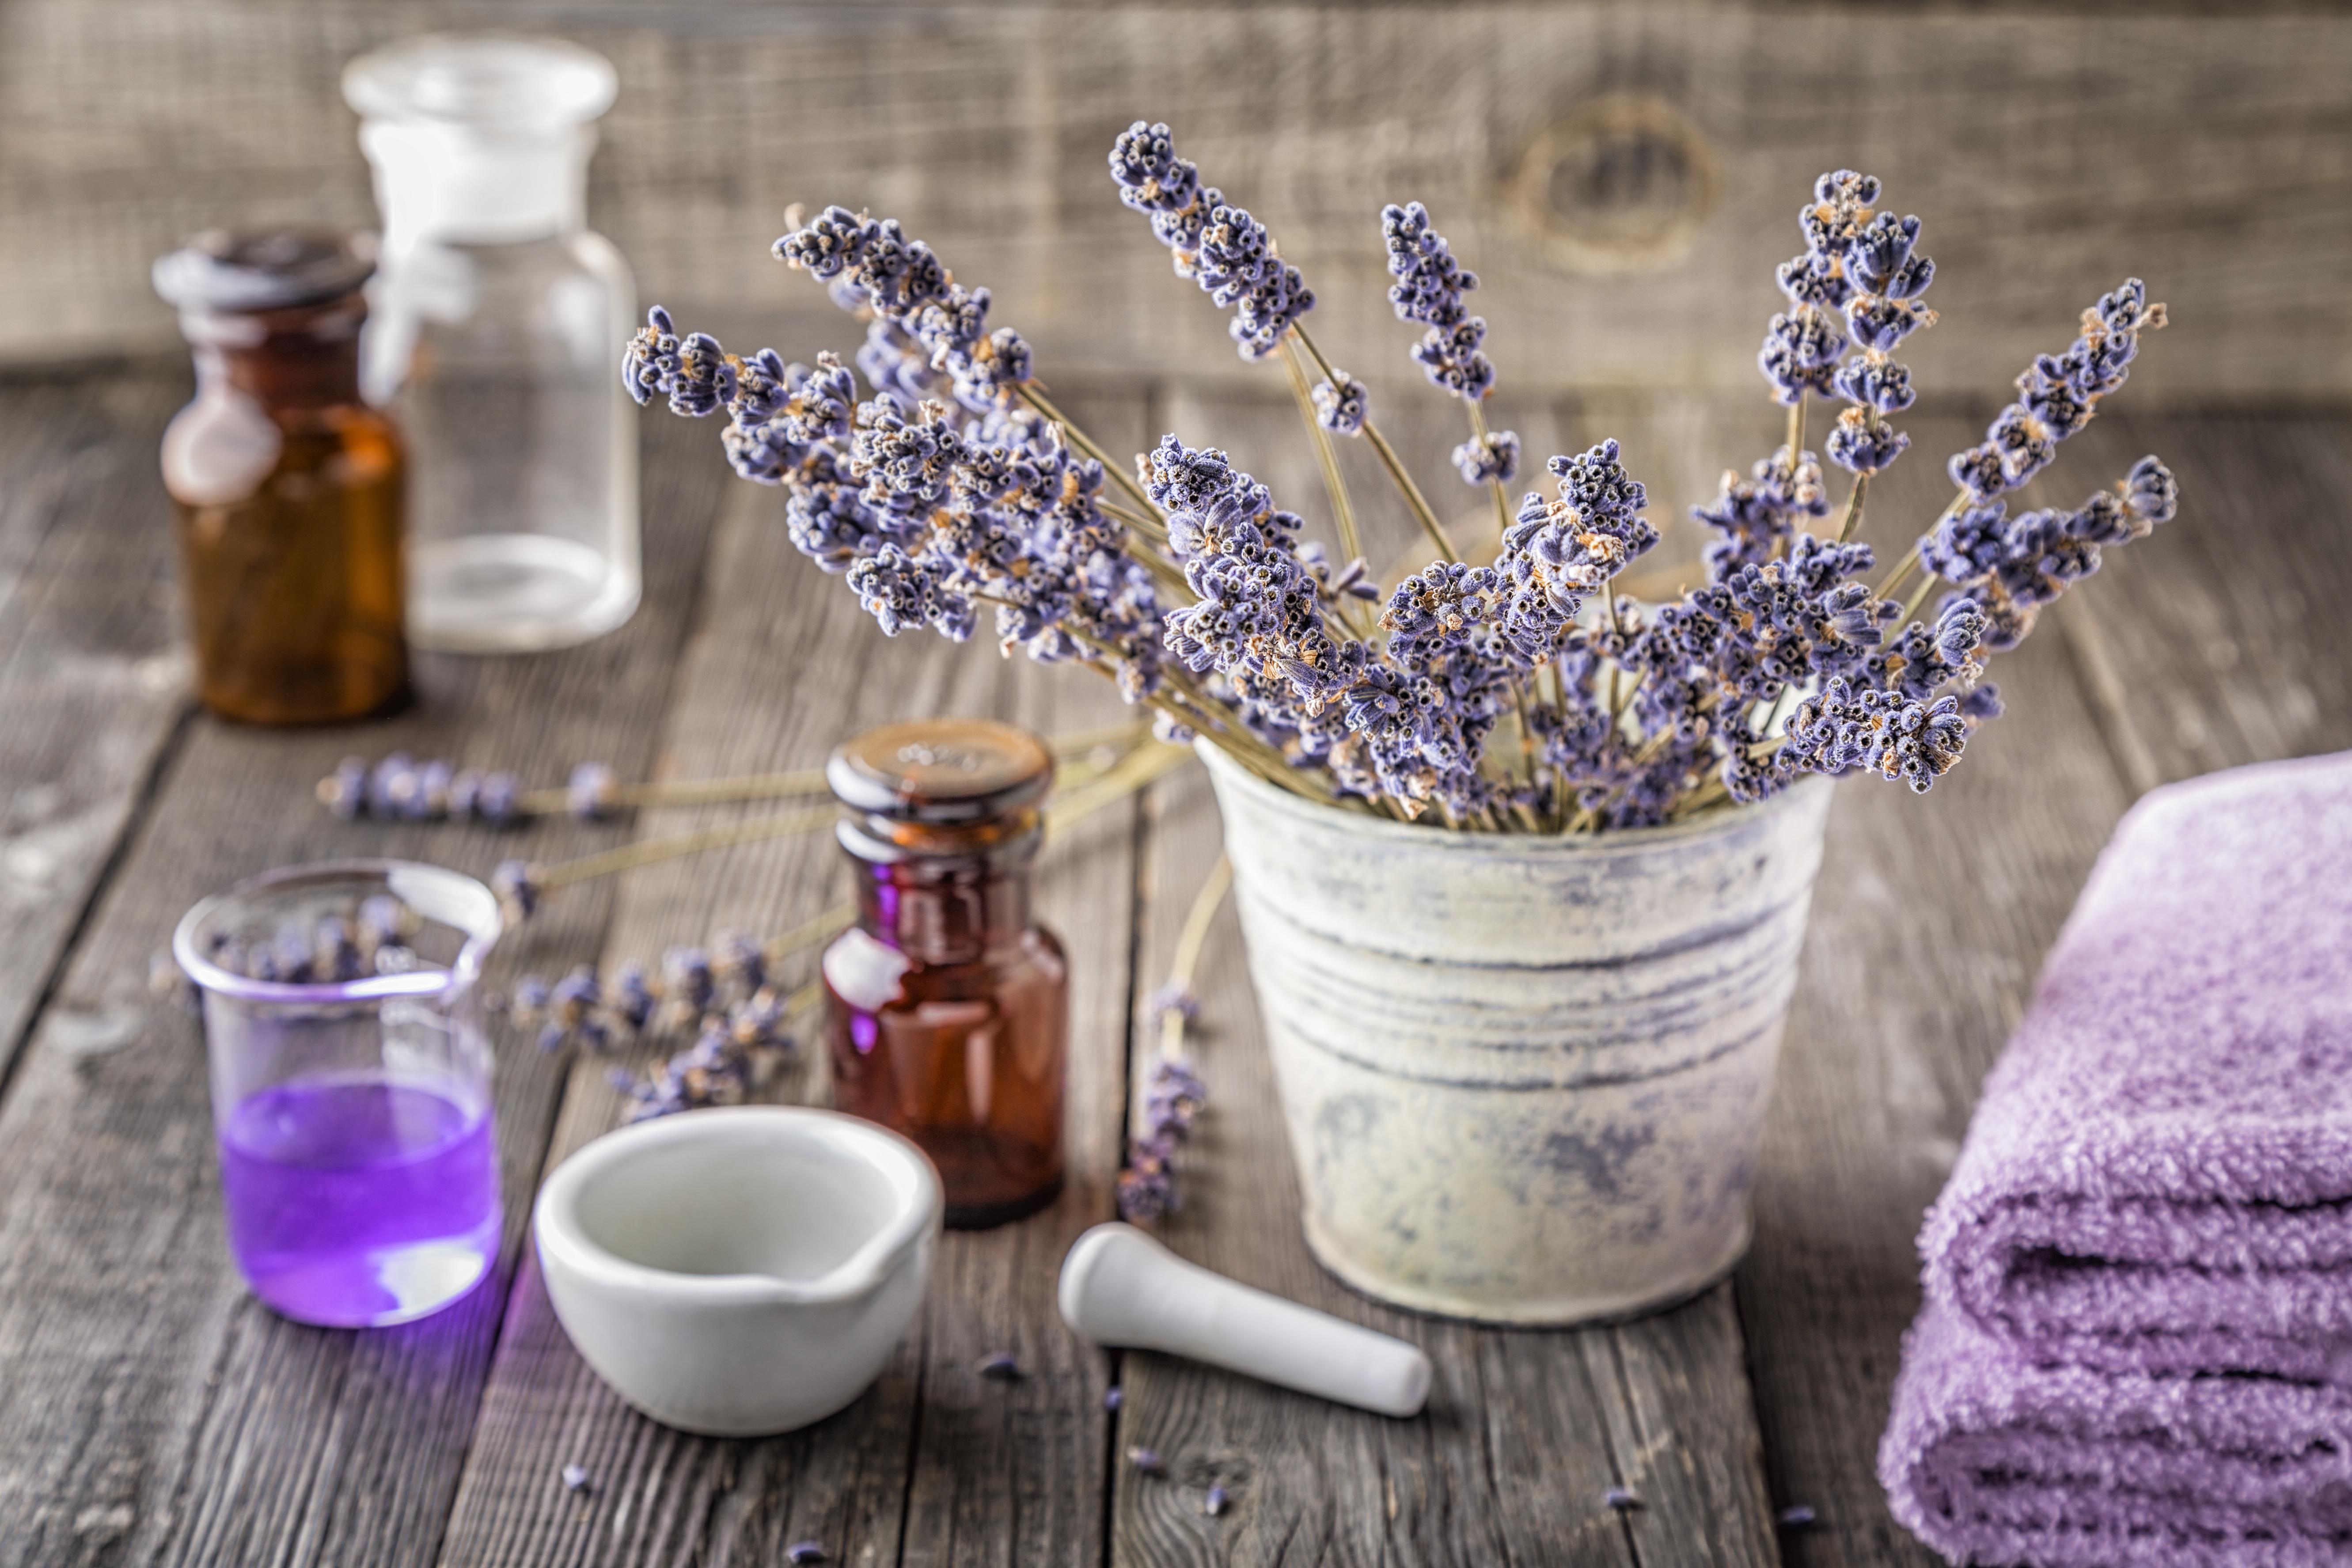 Nasce l'Accademia di Aromaterapia Fleuri en Provence come formazione professionale